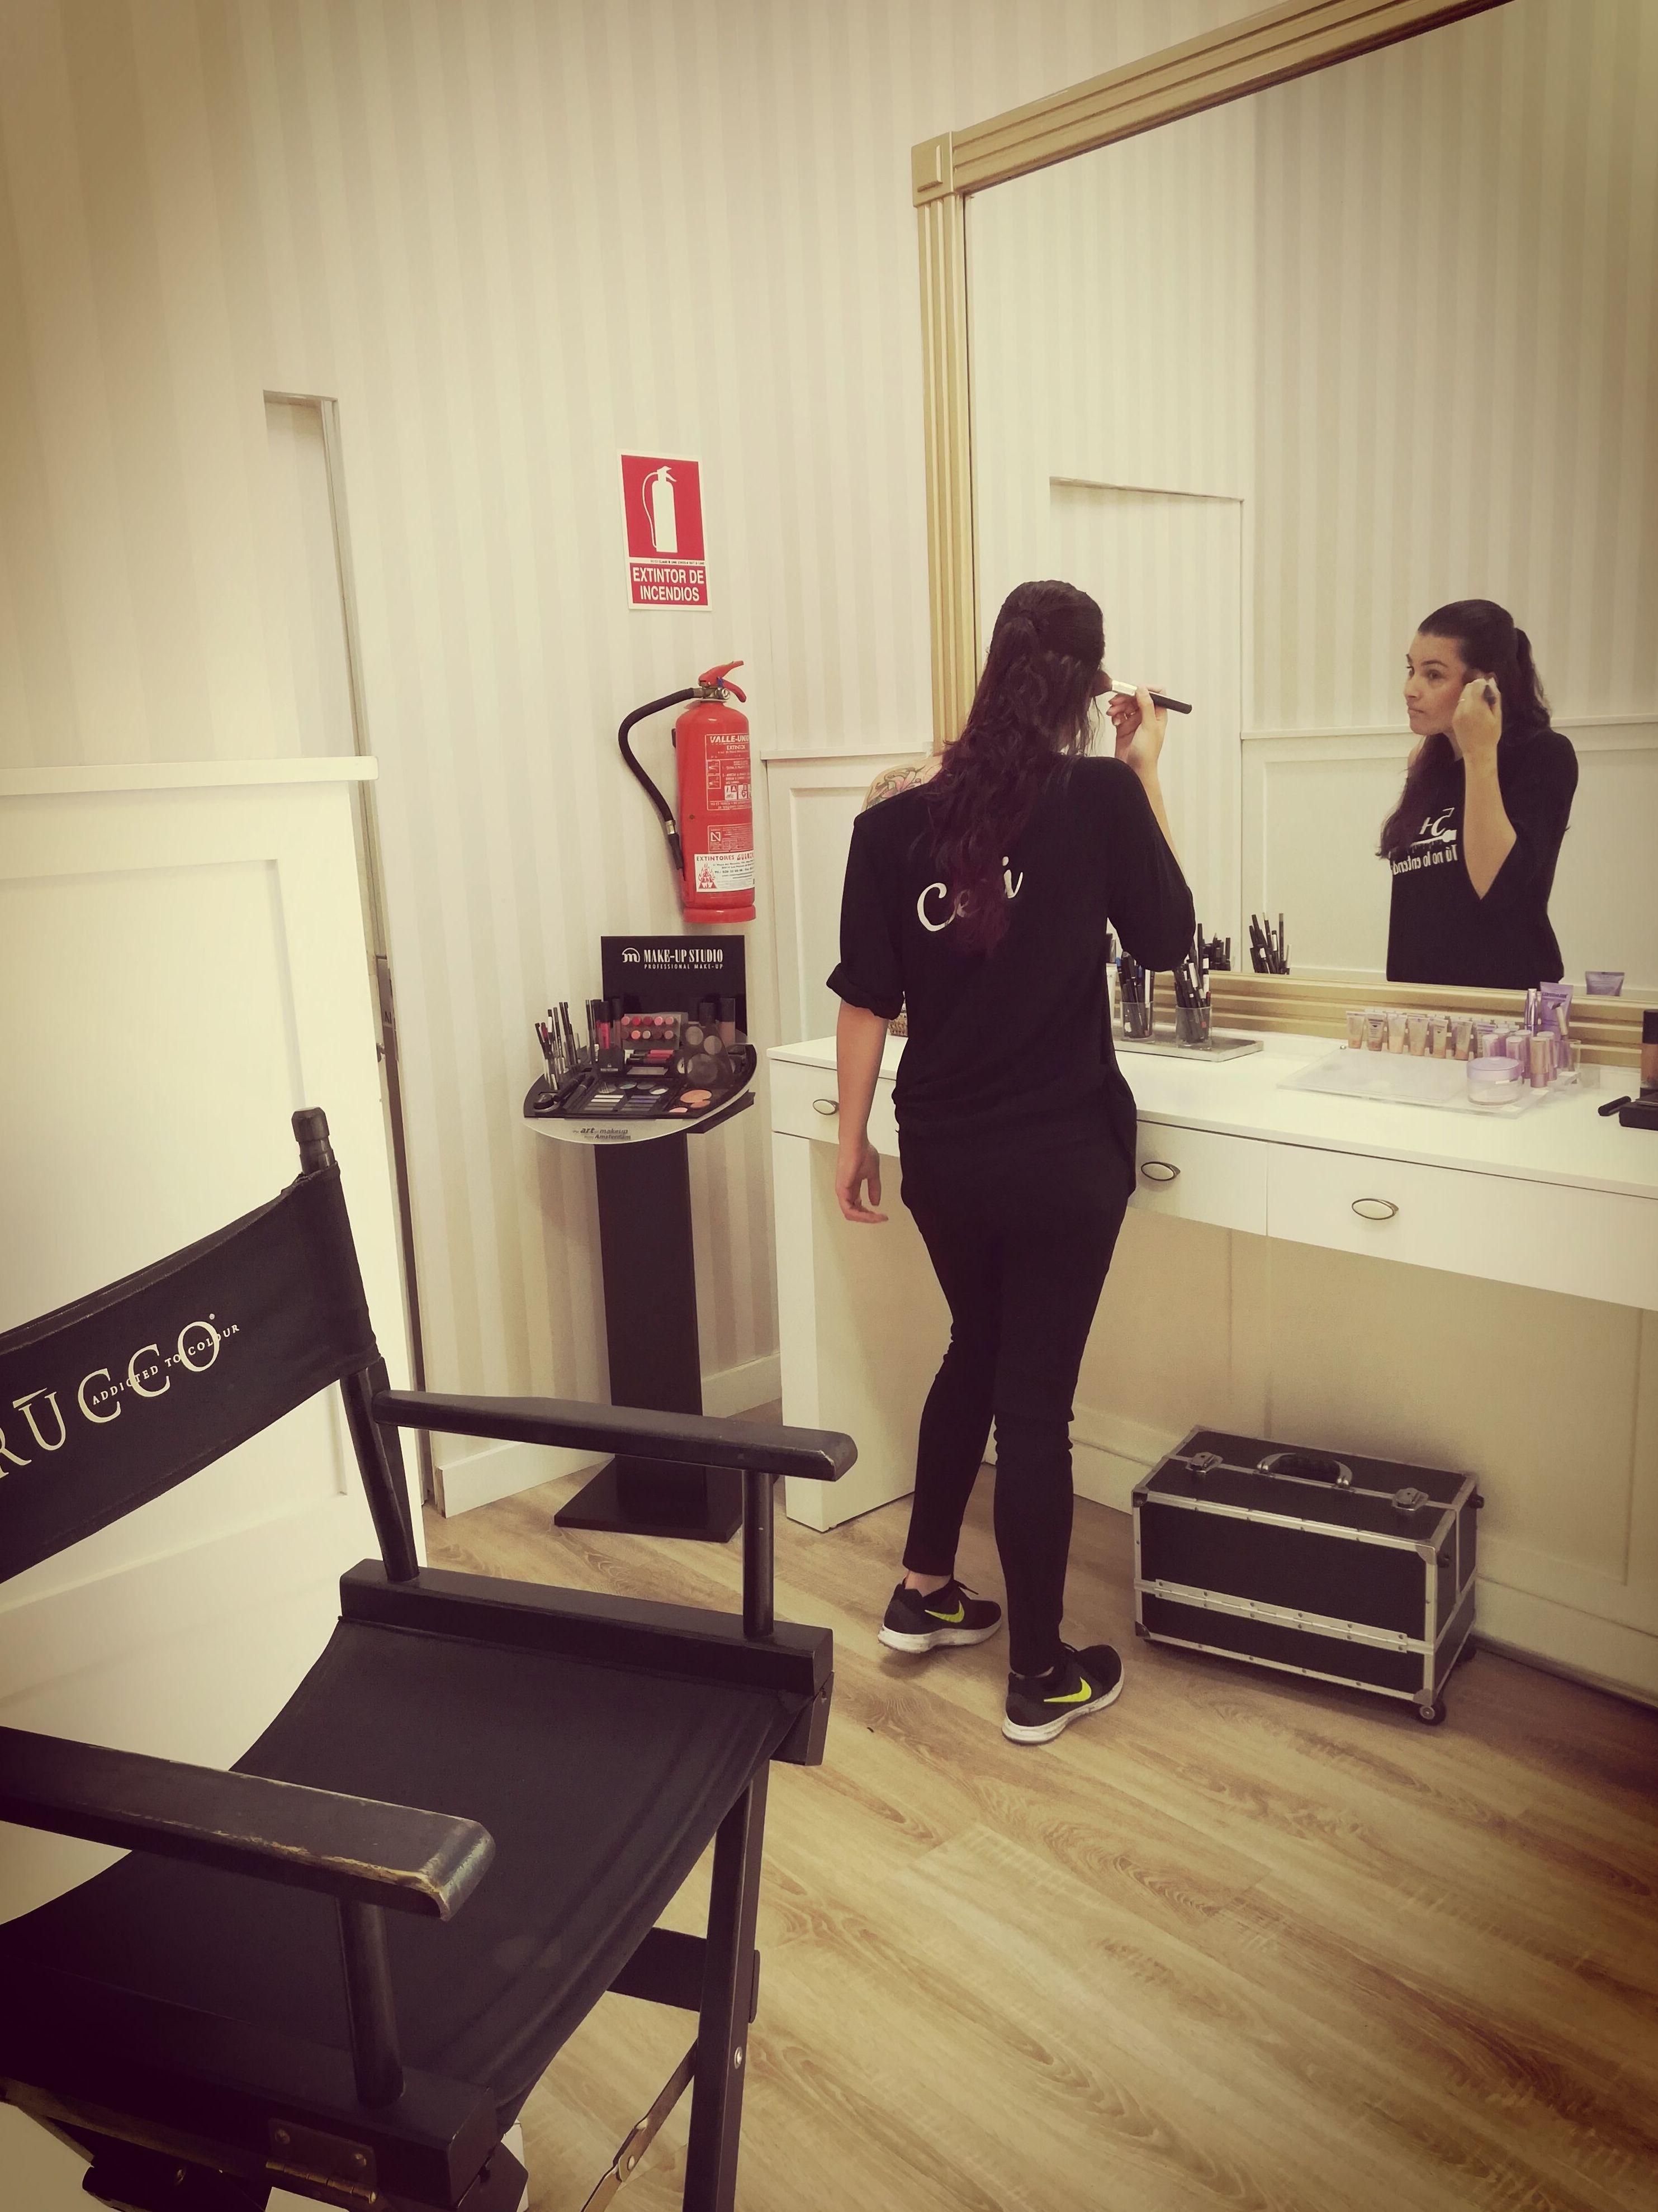 Foto 6 de Salón de belleza, peluquería y estética en Arucas | De´Pinie Peluquería